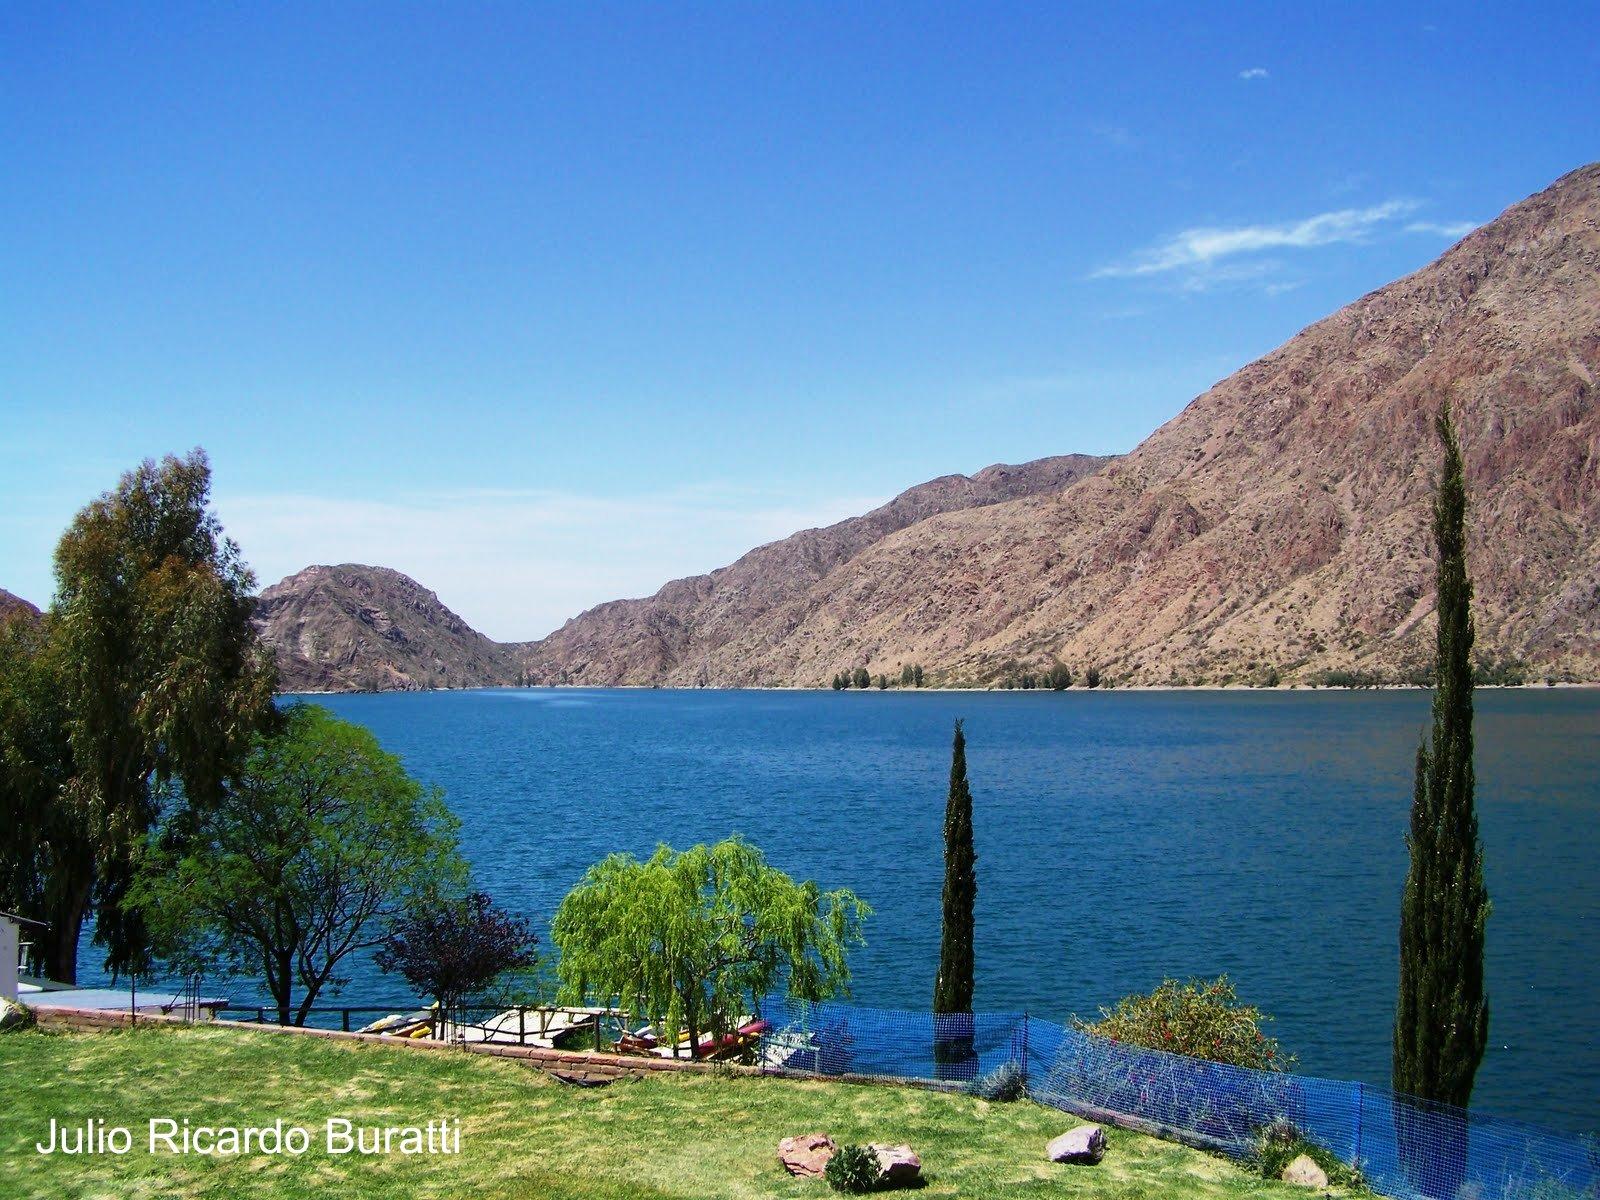 Imagenes De Paisajes Argentinos - Fotos de Tandil. Imágenes de Tandil. Turismo en Tandil